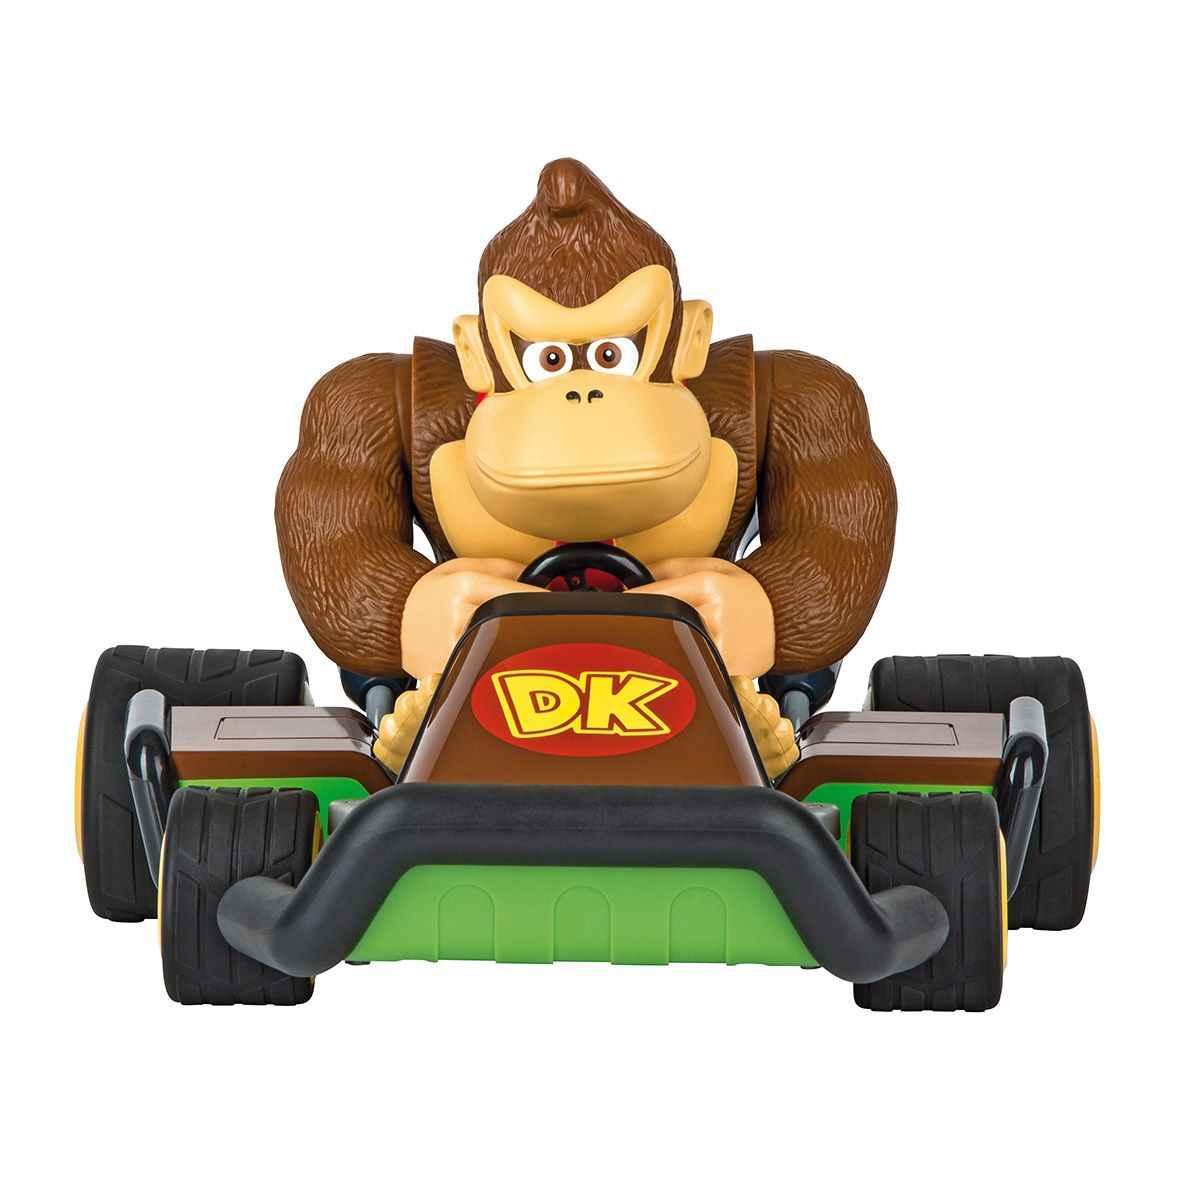 Kartfahren mit Mario und Gorilla Donkey Kong mitten im Kinderzimmer - Spass garantiert!